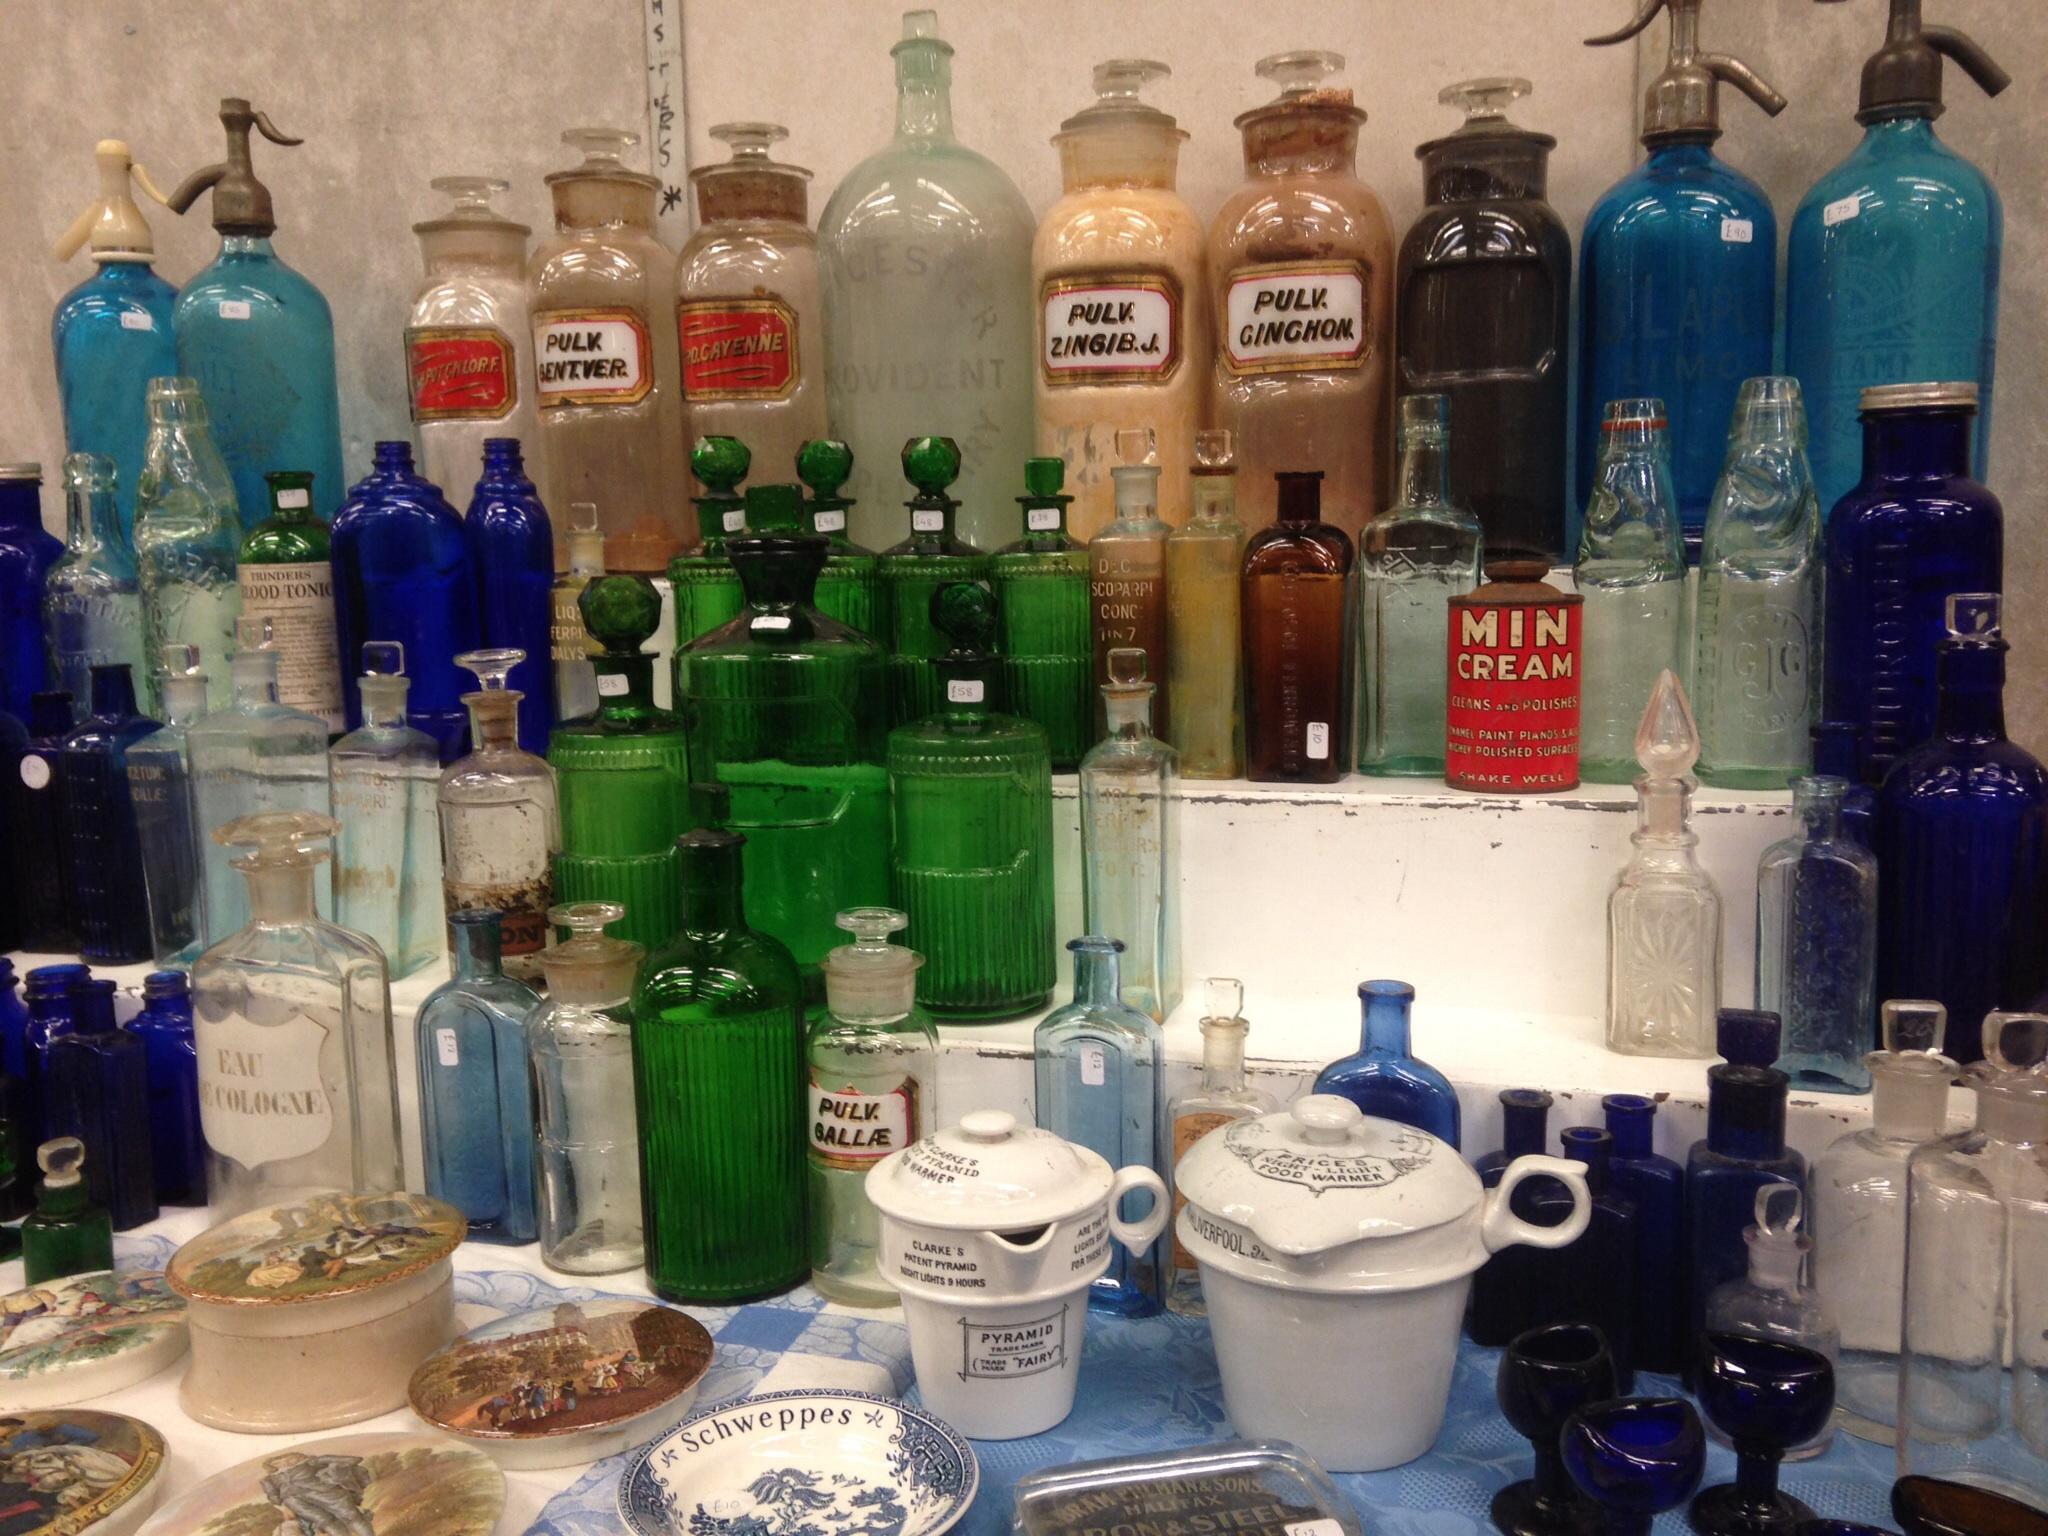 Shepton Mallet Flea Market - bottles